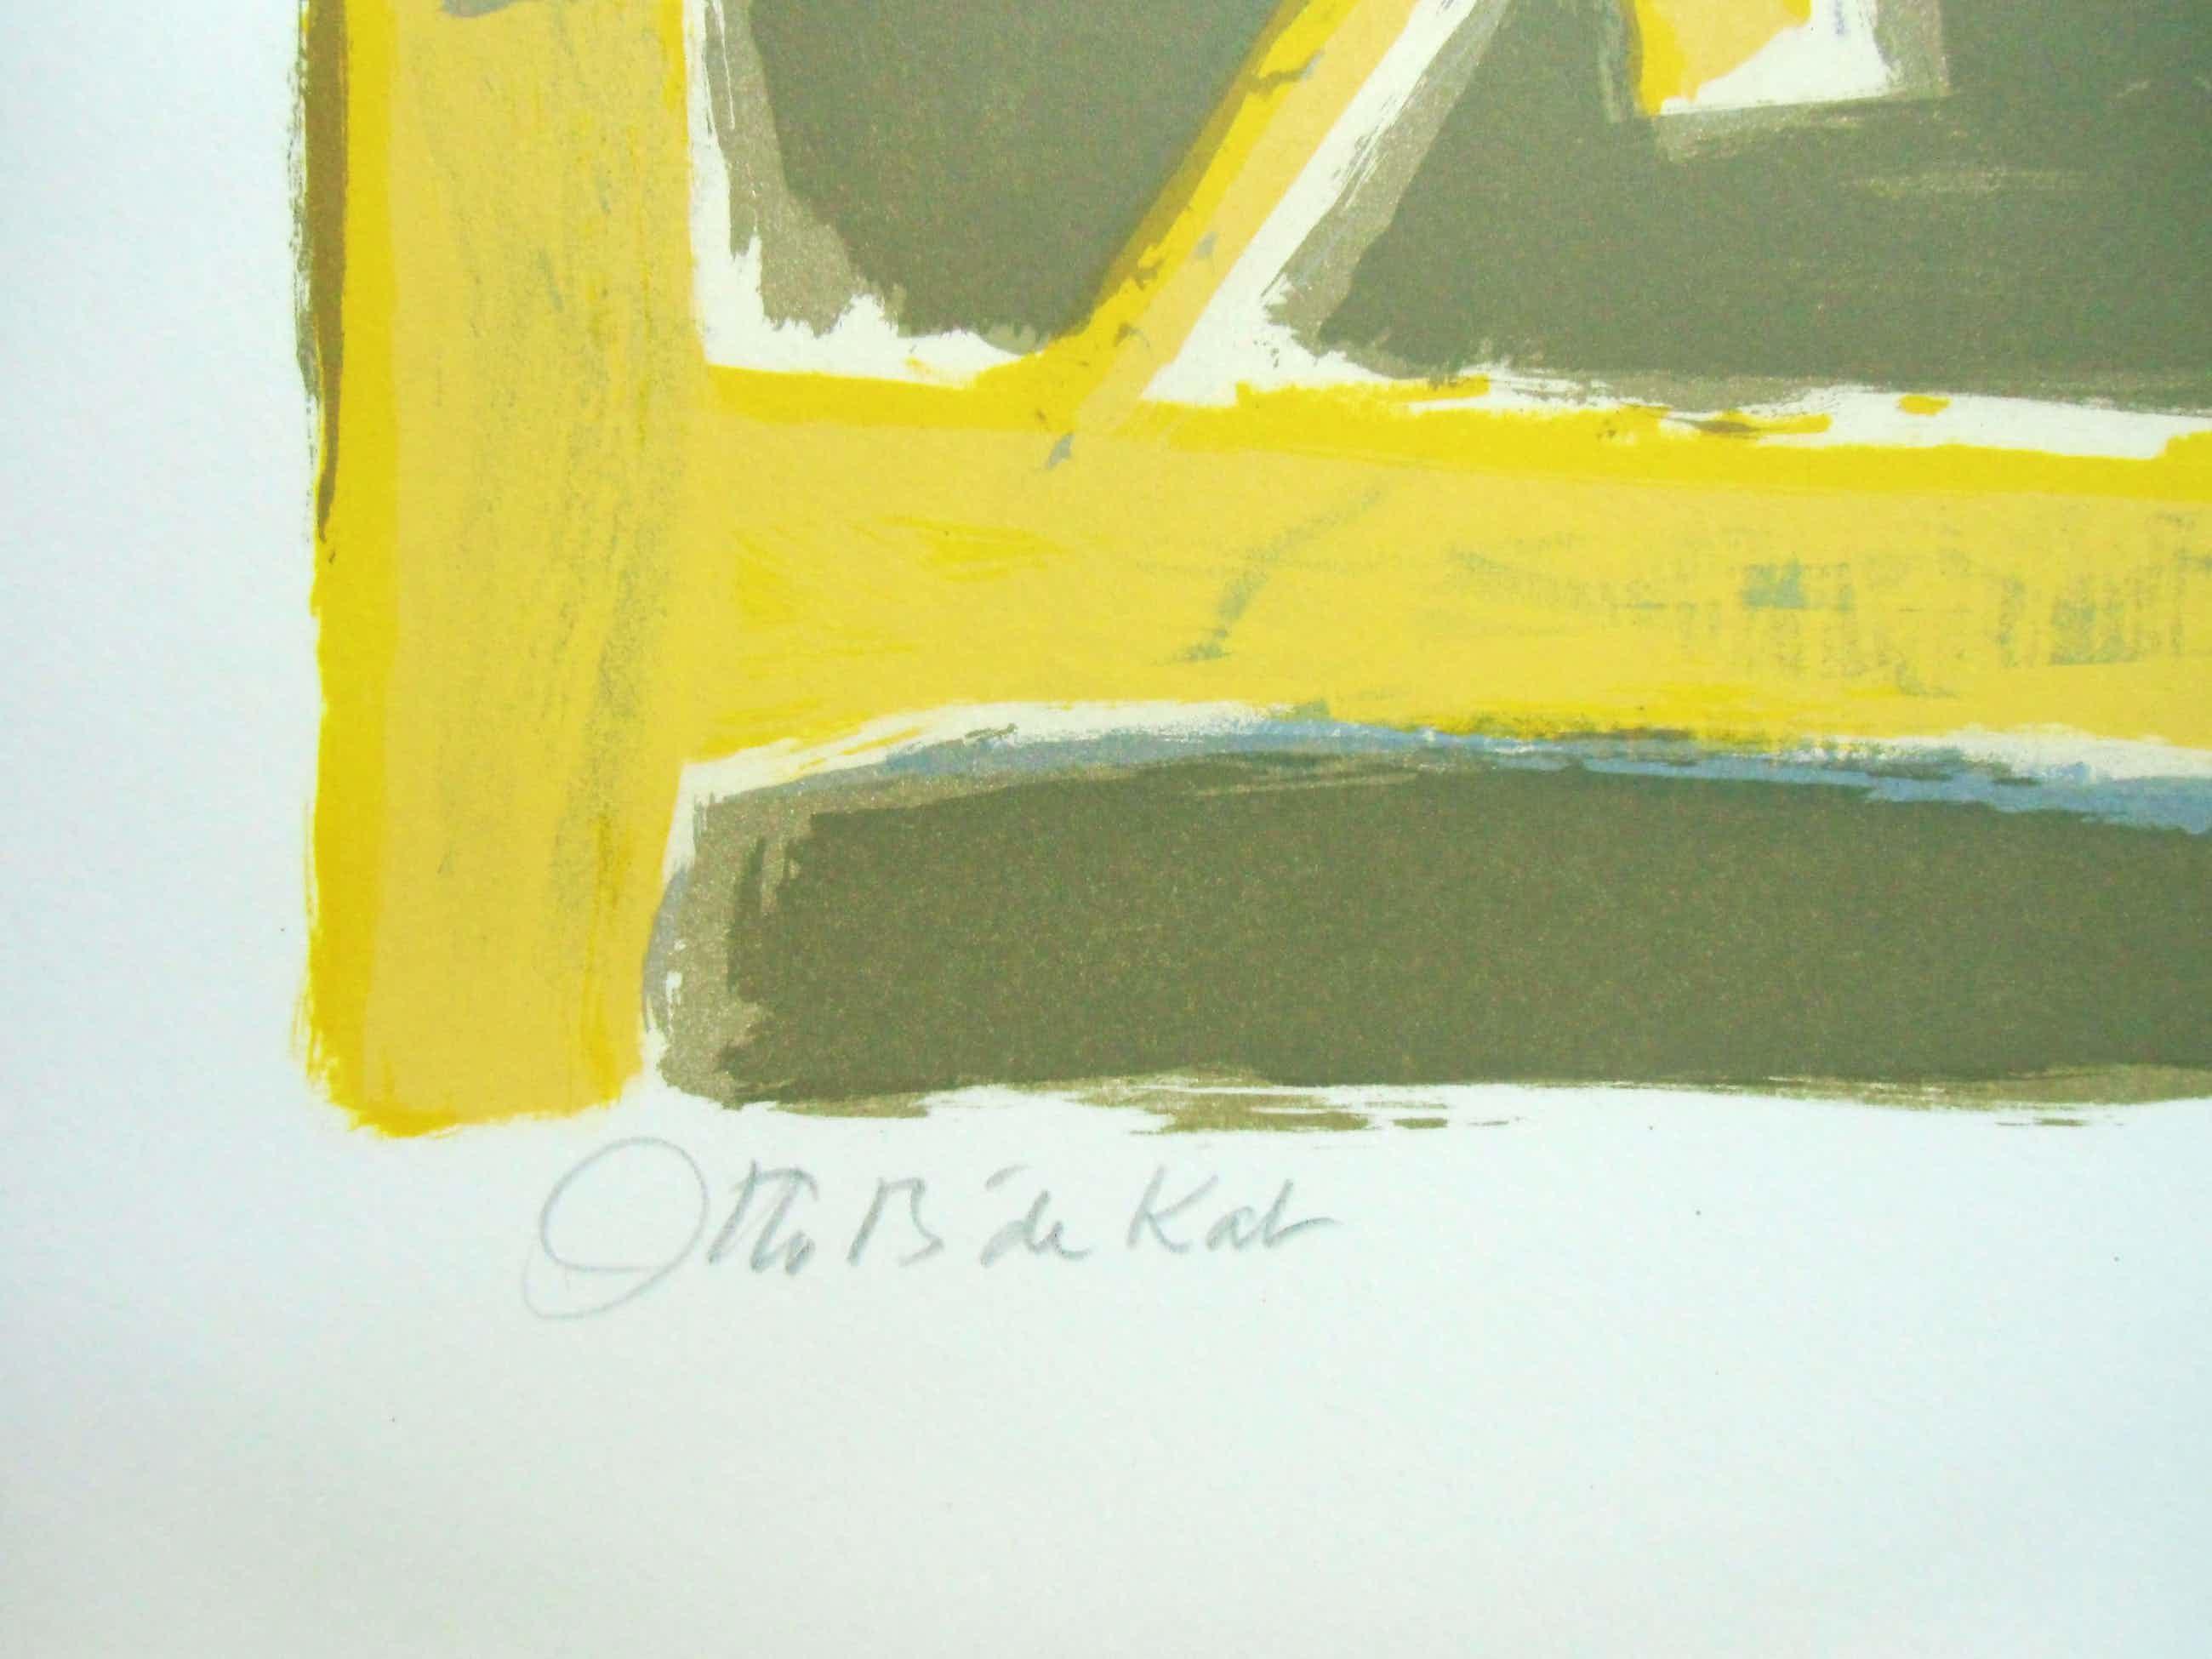 Otto B. de Kat - HET GELE STOELTJE /// KLEURENLITHO VAN OTTO B. DE KAT kopen? Bied vanaf 55!